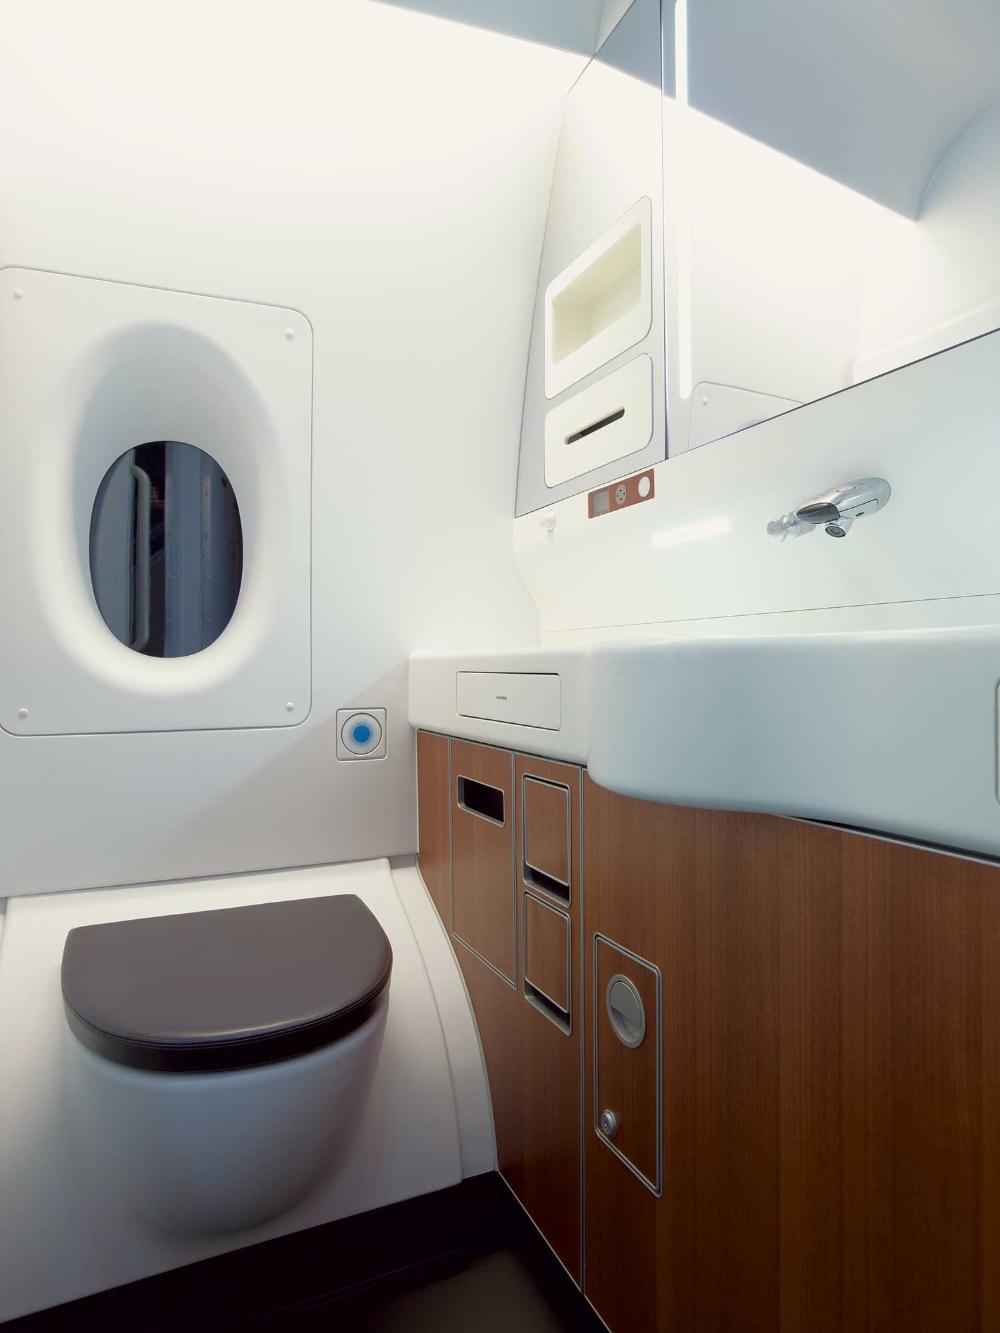 Qantas A380 Marc Newson in 2020 Airplane interior